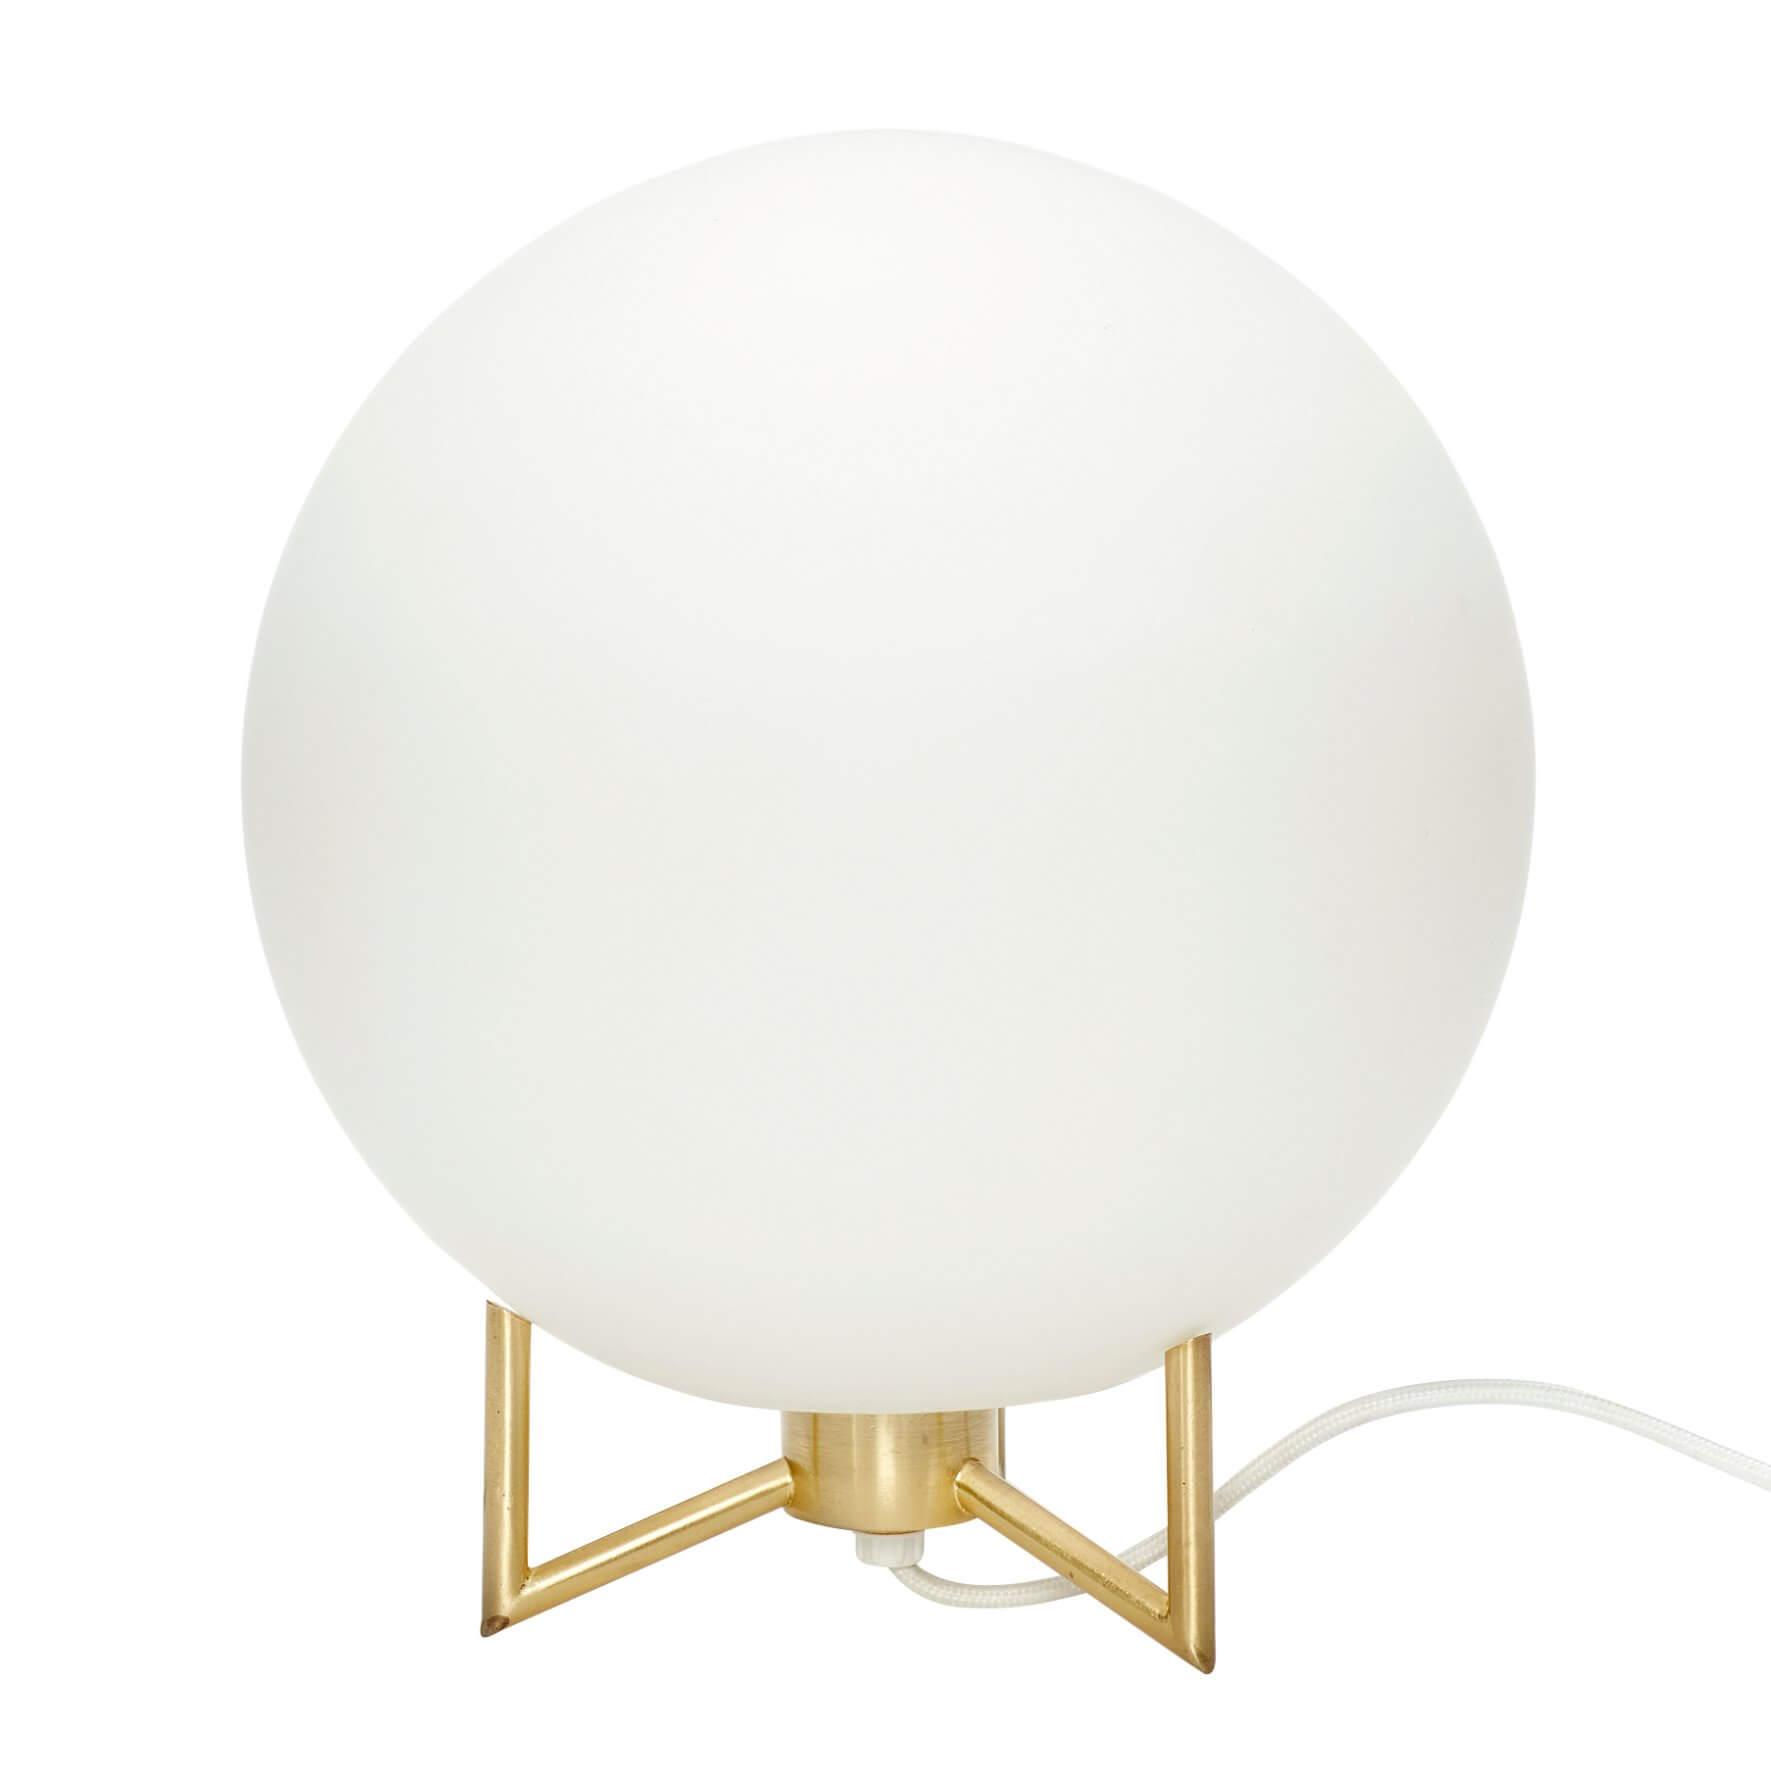 Tischleuchte Globus Opalglas - Hübsch Interieur Design